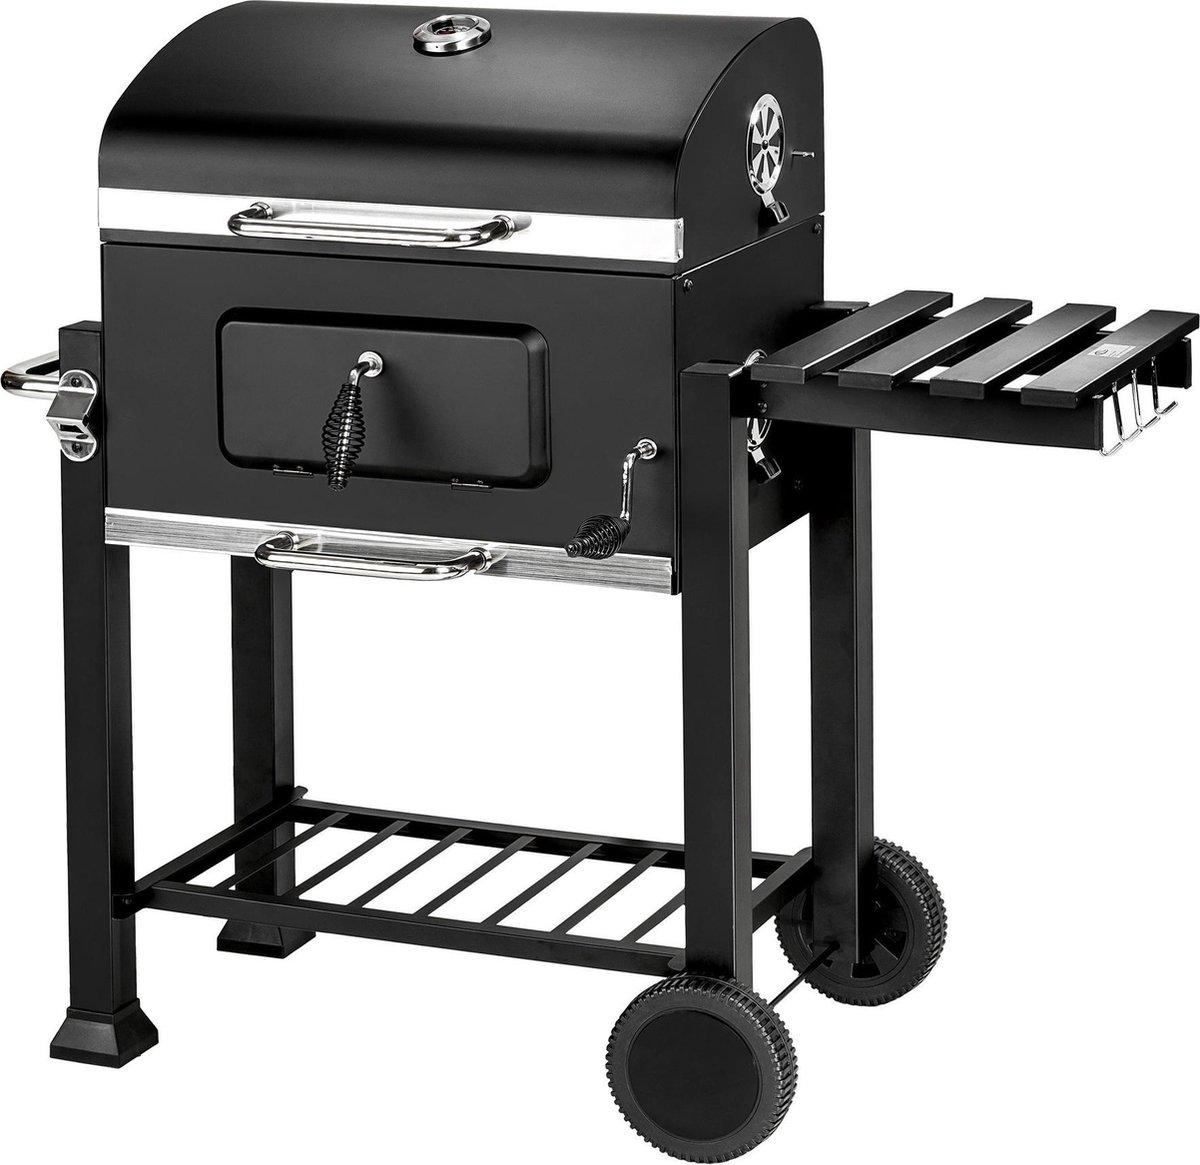 Houtskool BBQ barbecue Florian in zwart van tectake